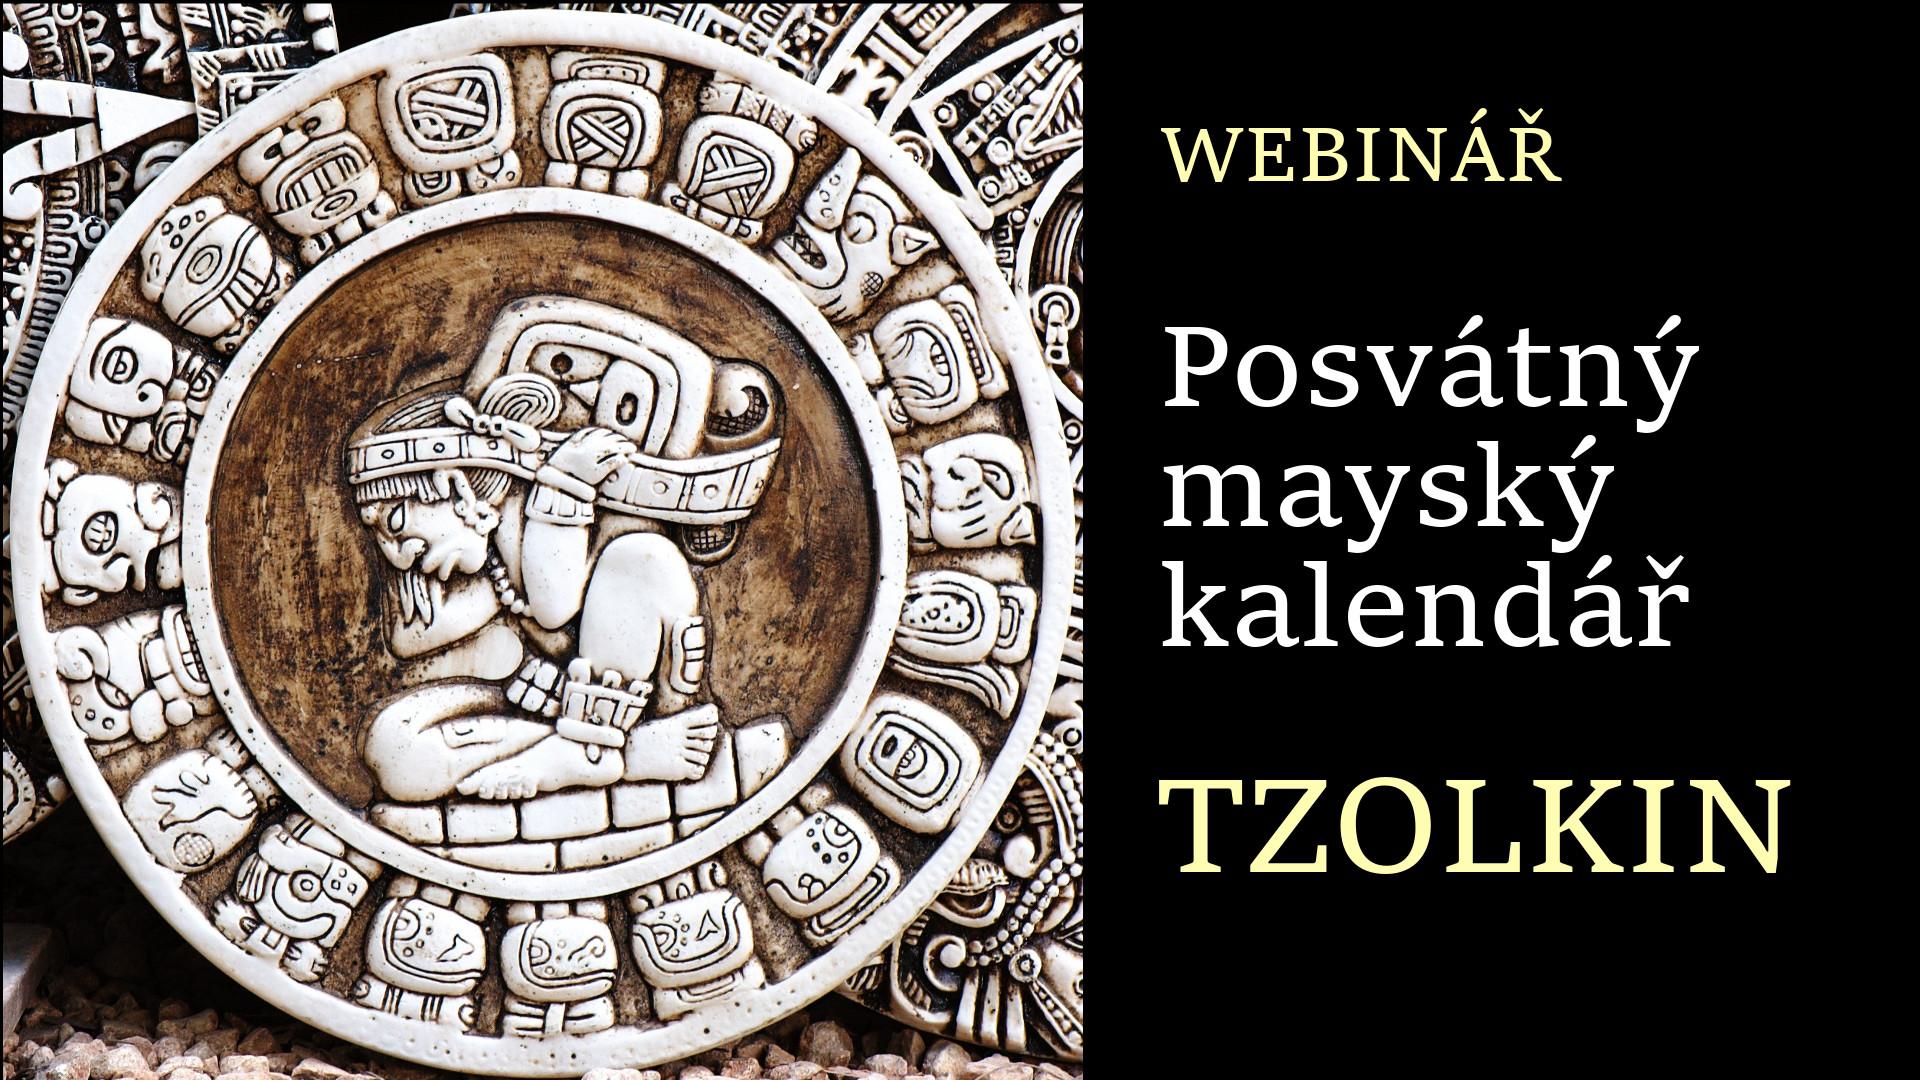 Posvátný mayský kalendář Tzolkin s Robertem Policarem